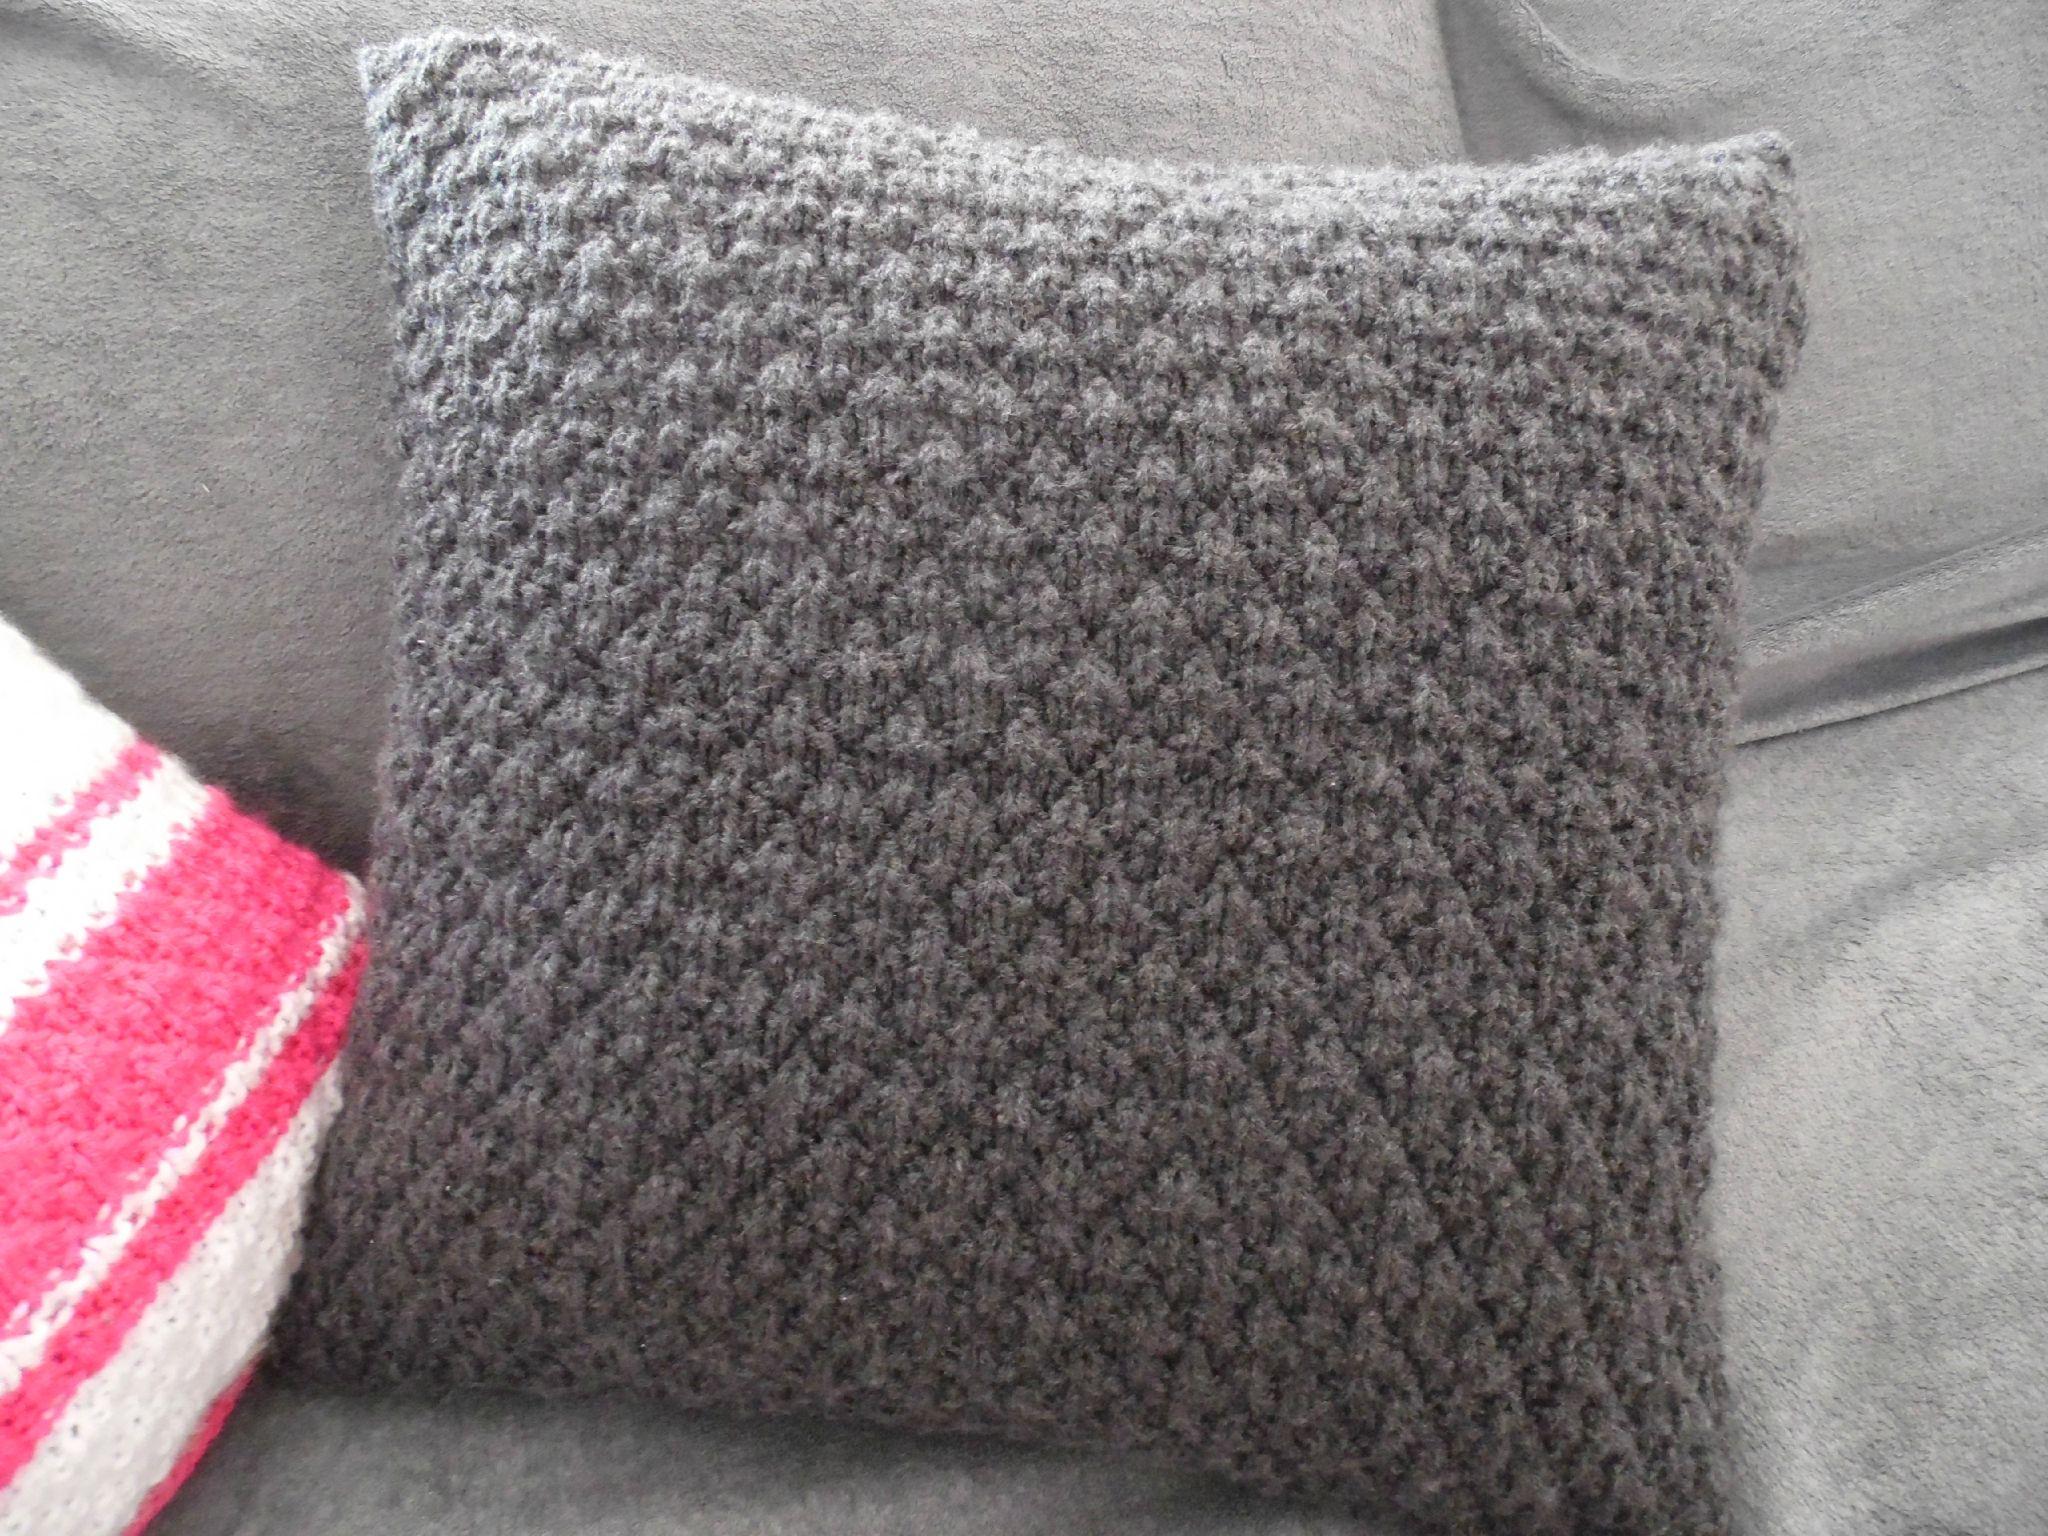 tricoter un coussin